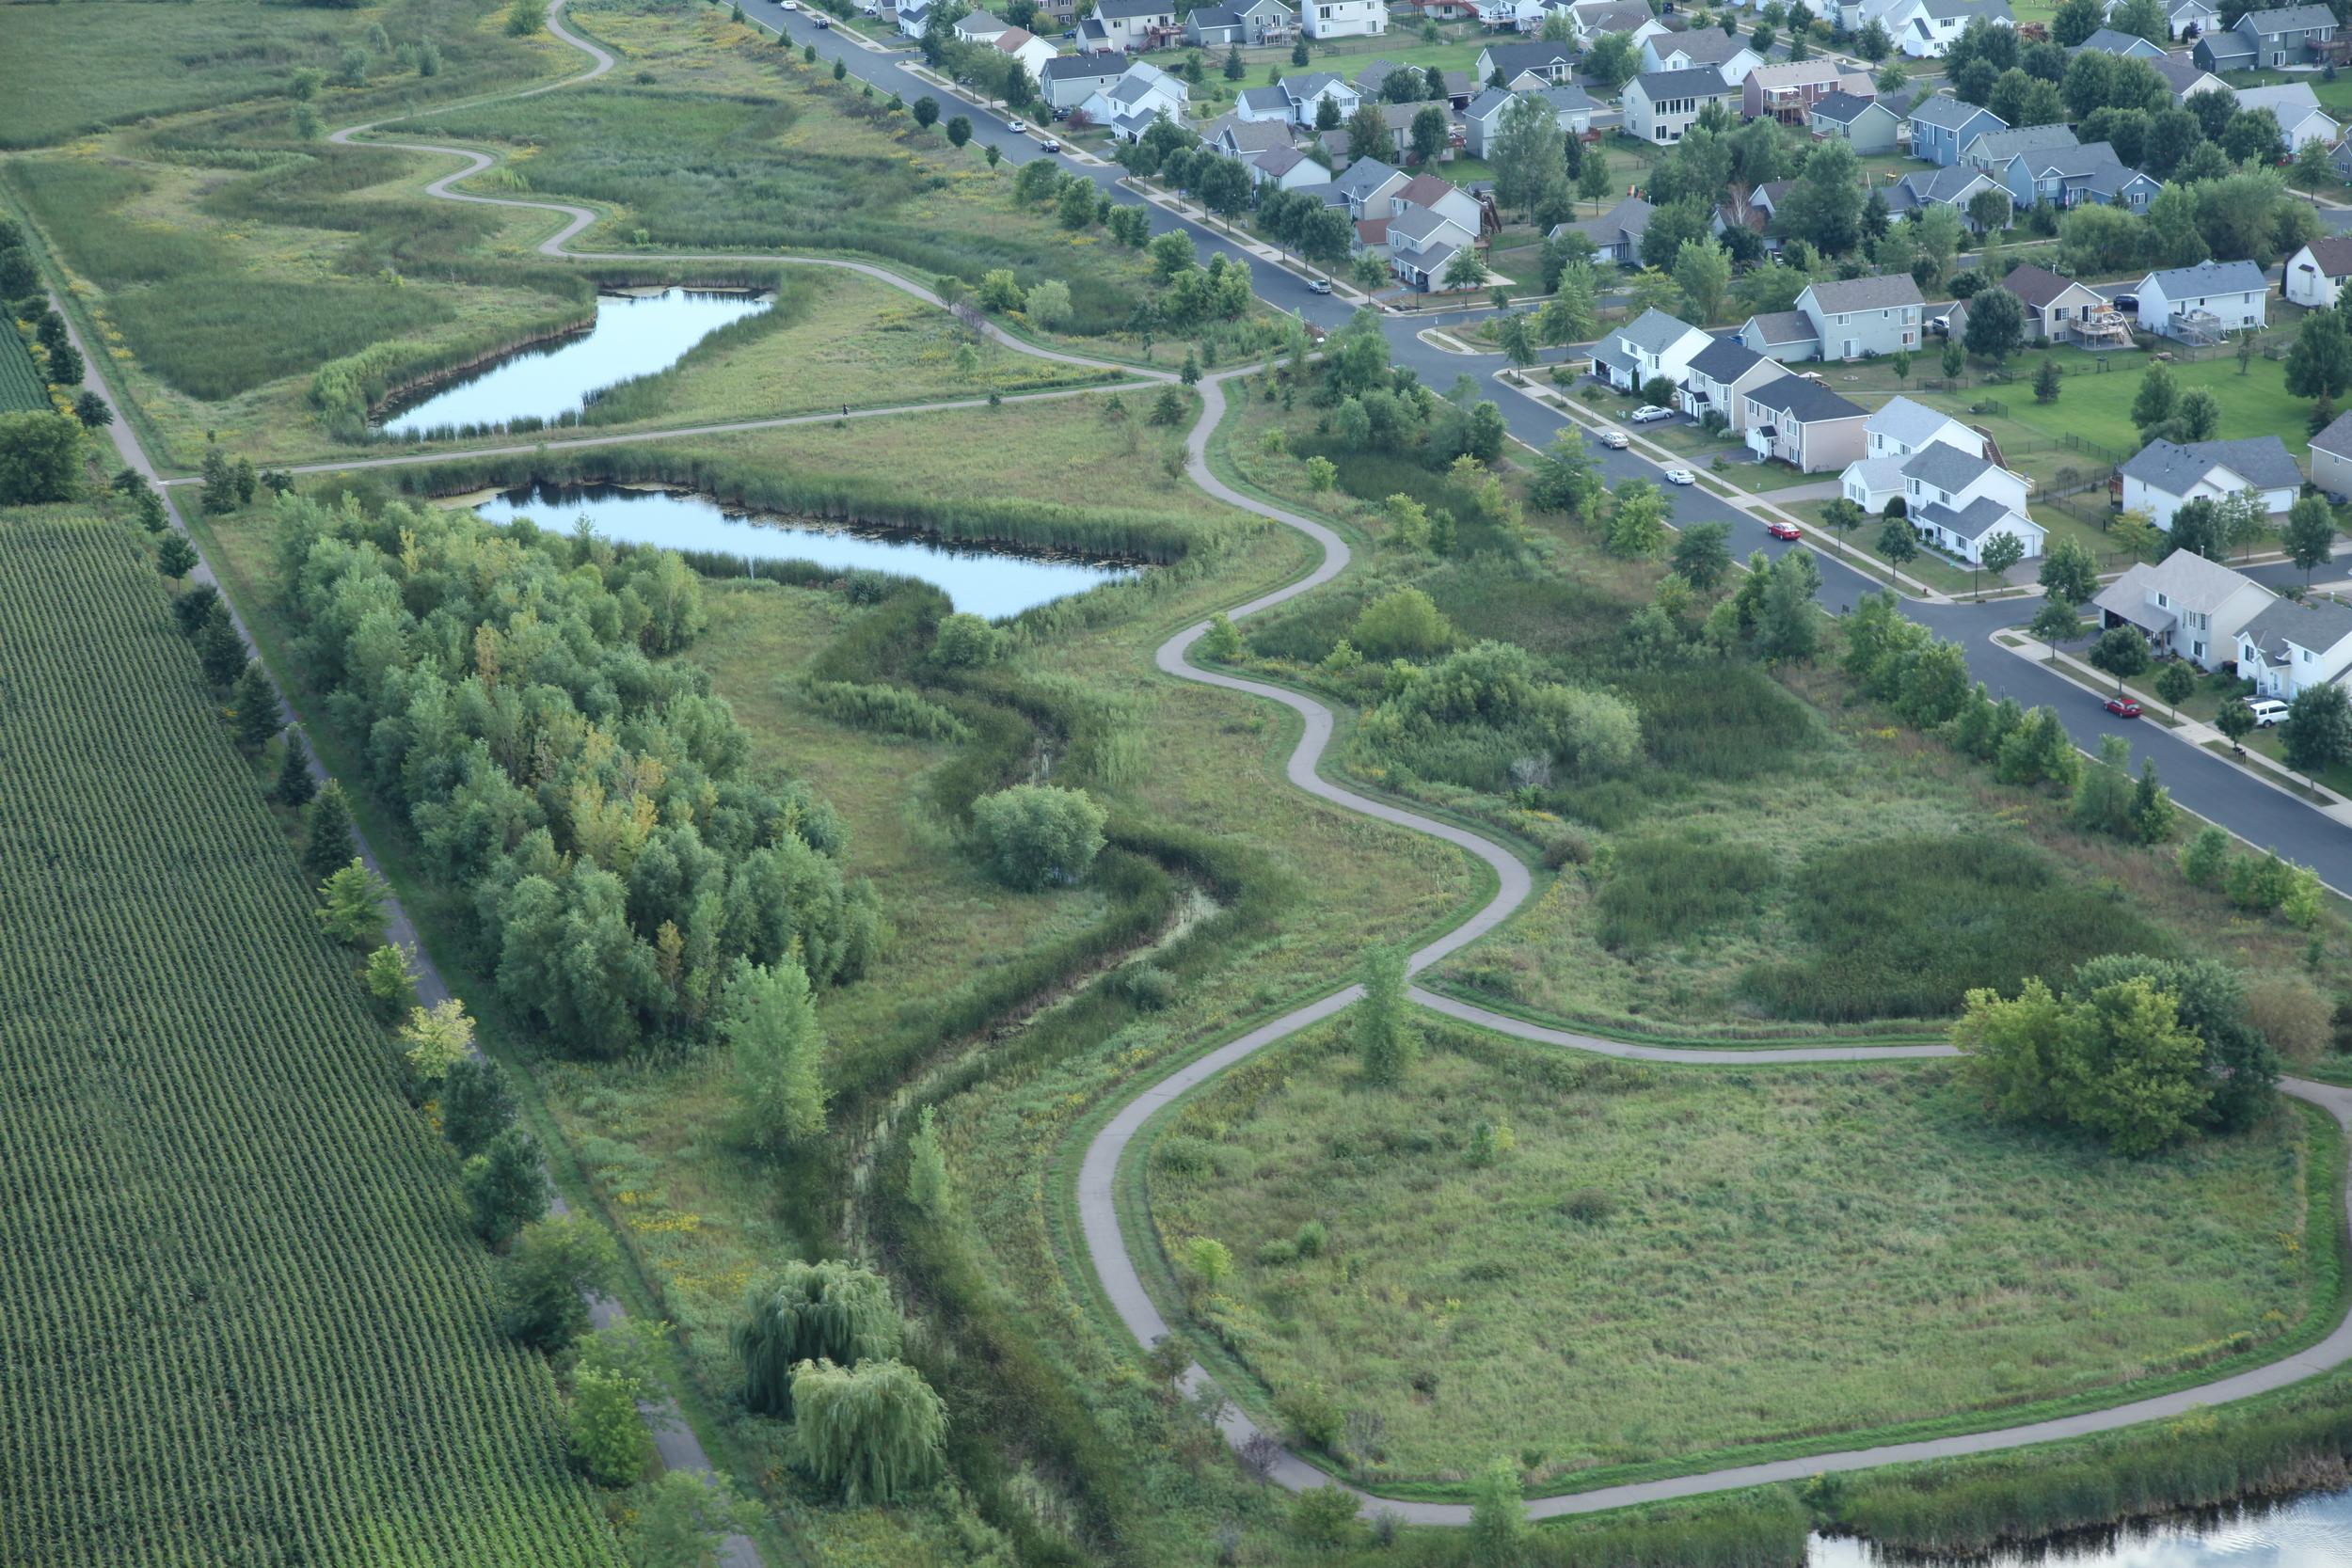 BA_prairiewaterway_photo aerial7.JPG